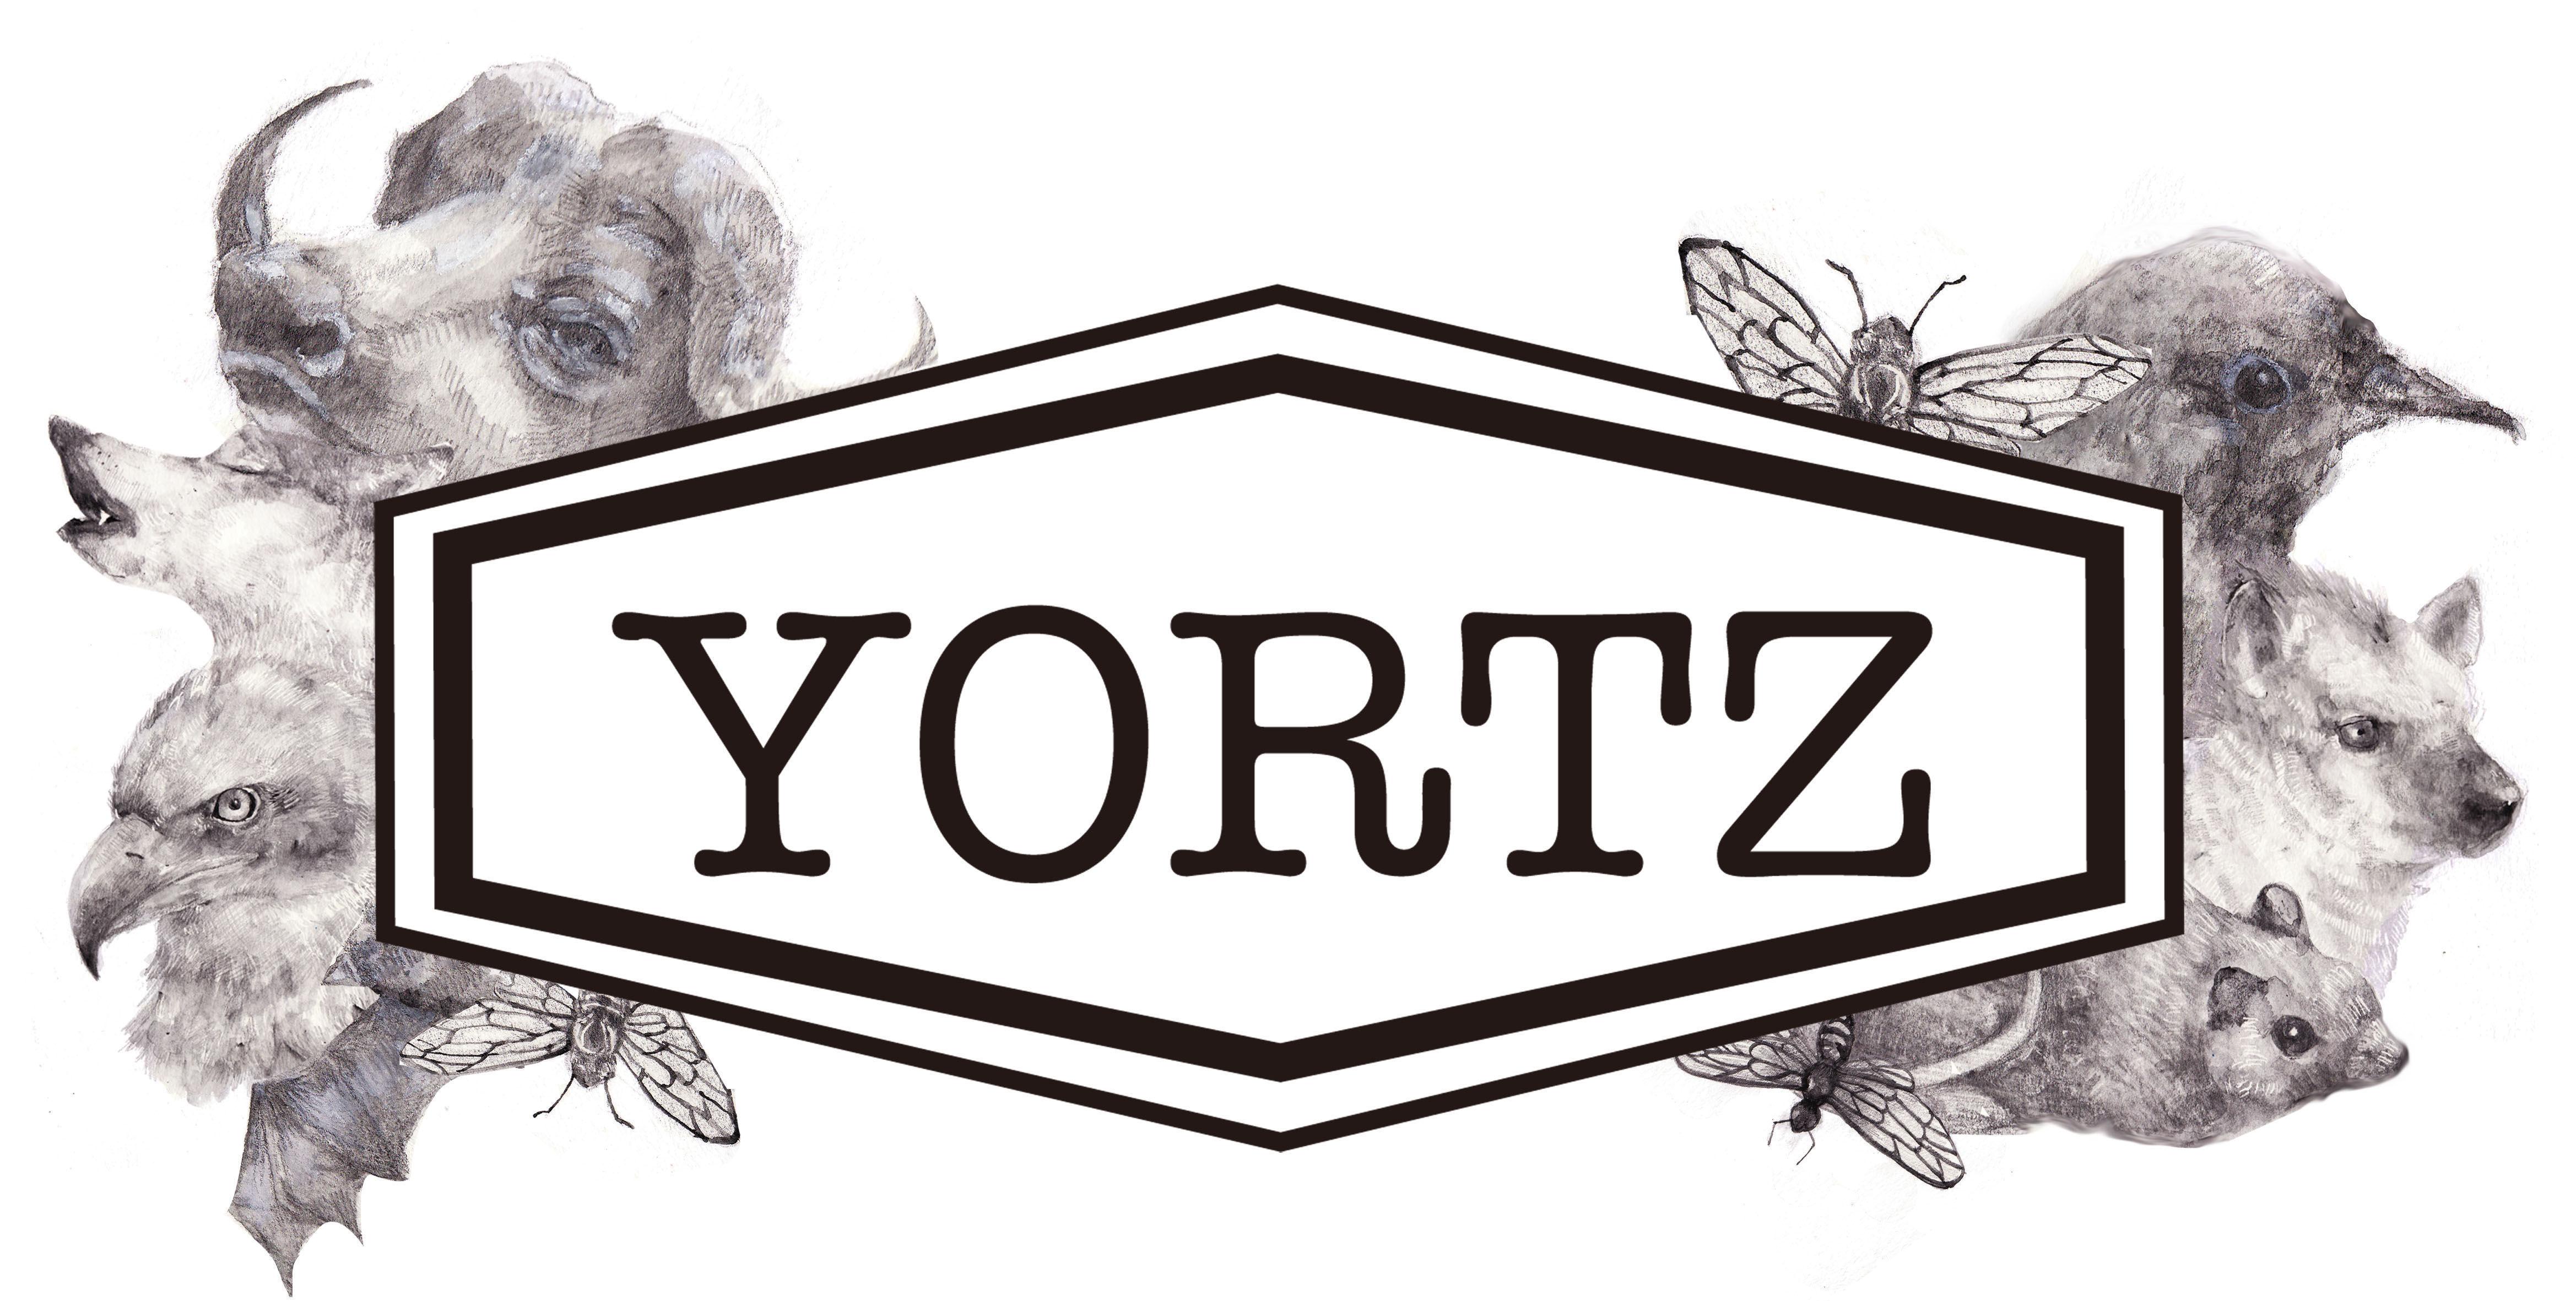 YORTZ